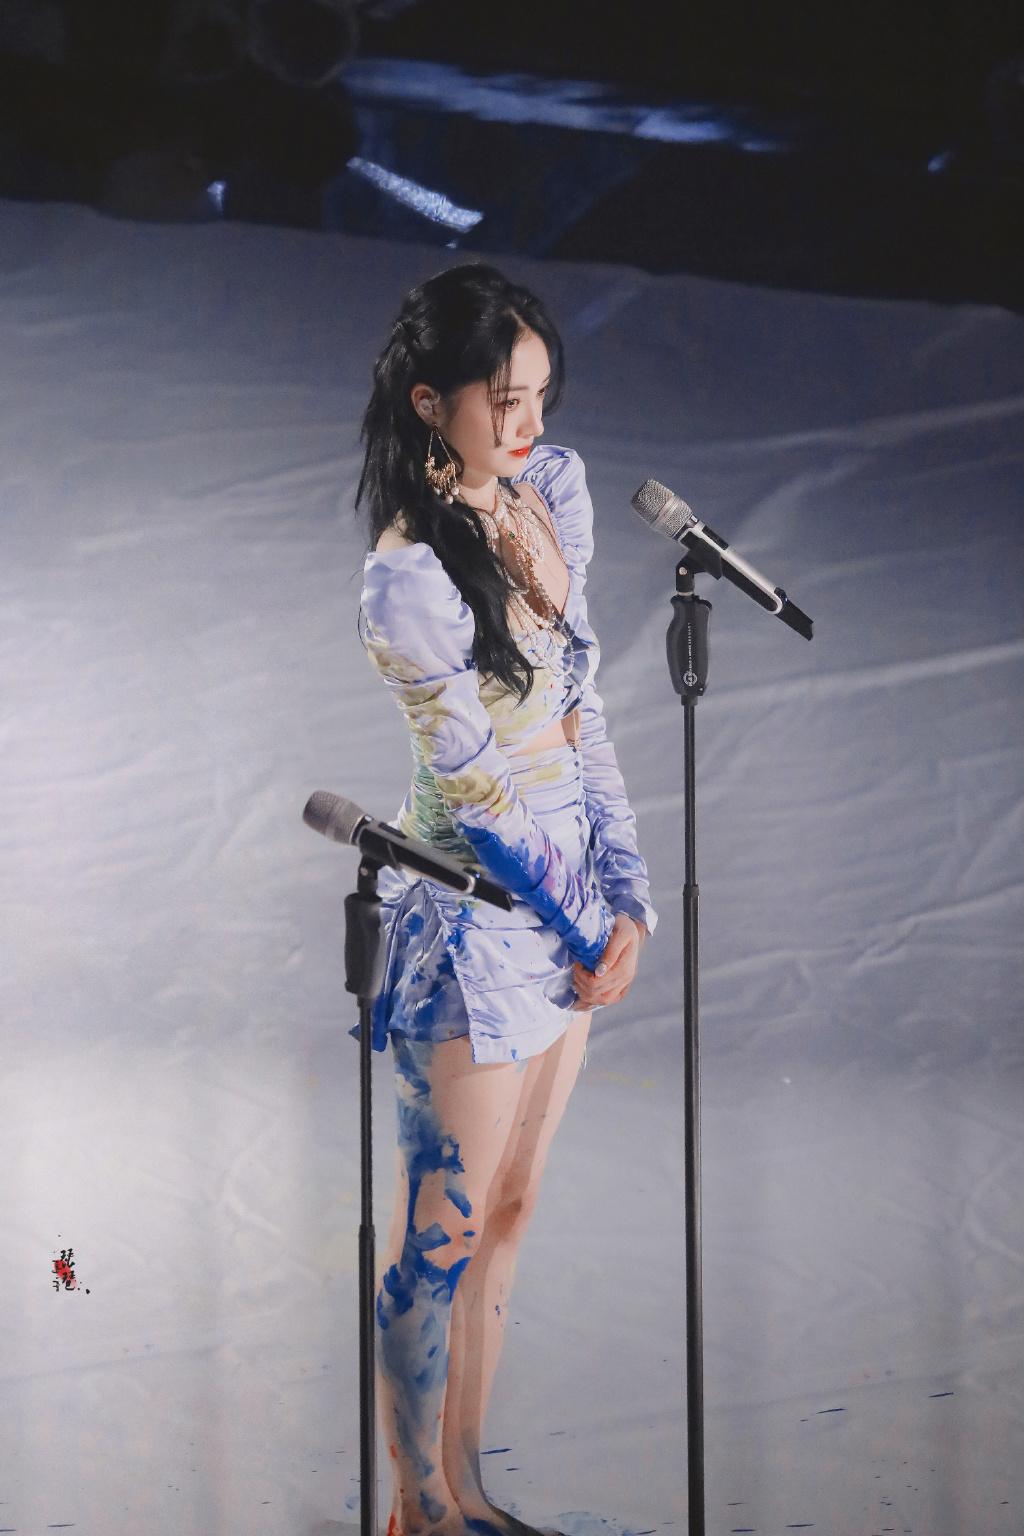 周洁琼《爆裂舞台》,异域公主造型上线,一眼惊艳找回自信了吗?